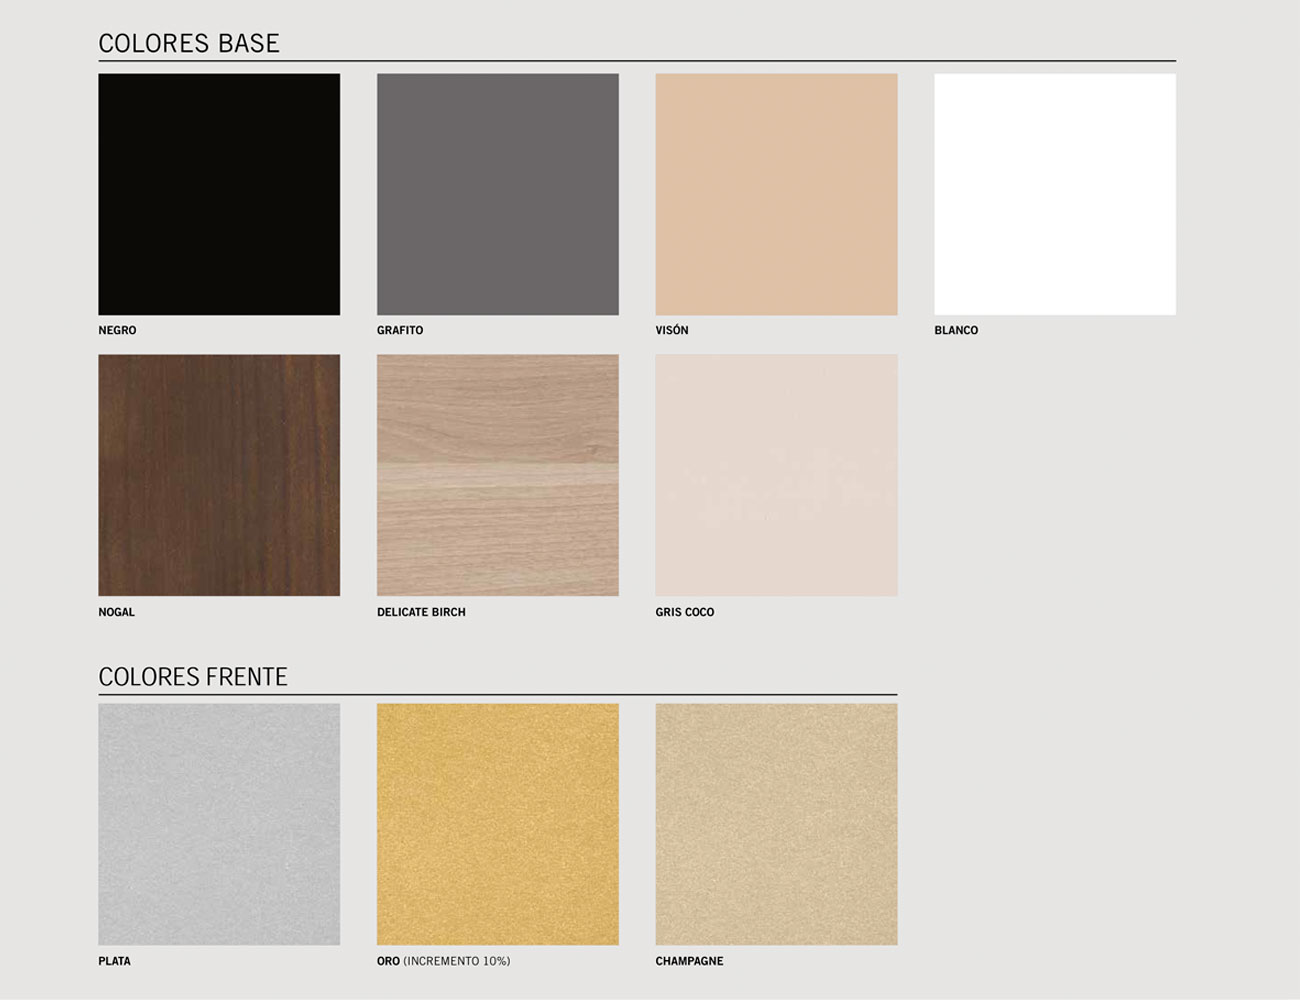 Colores base22